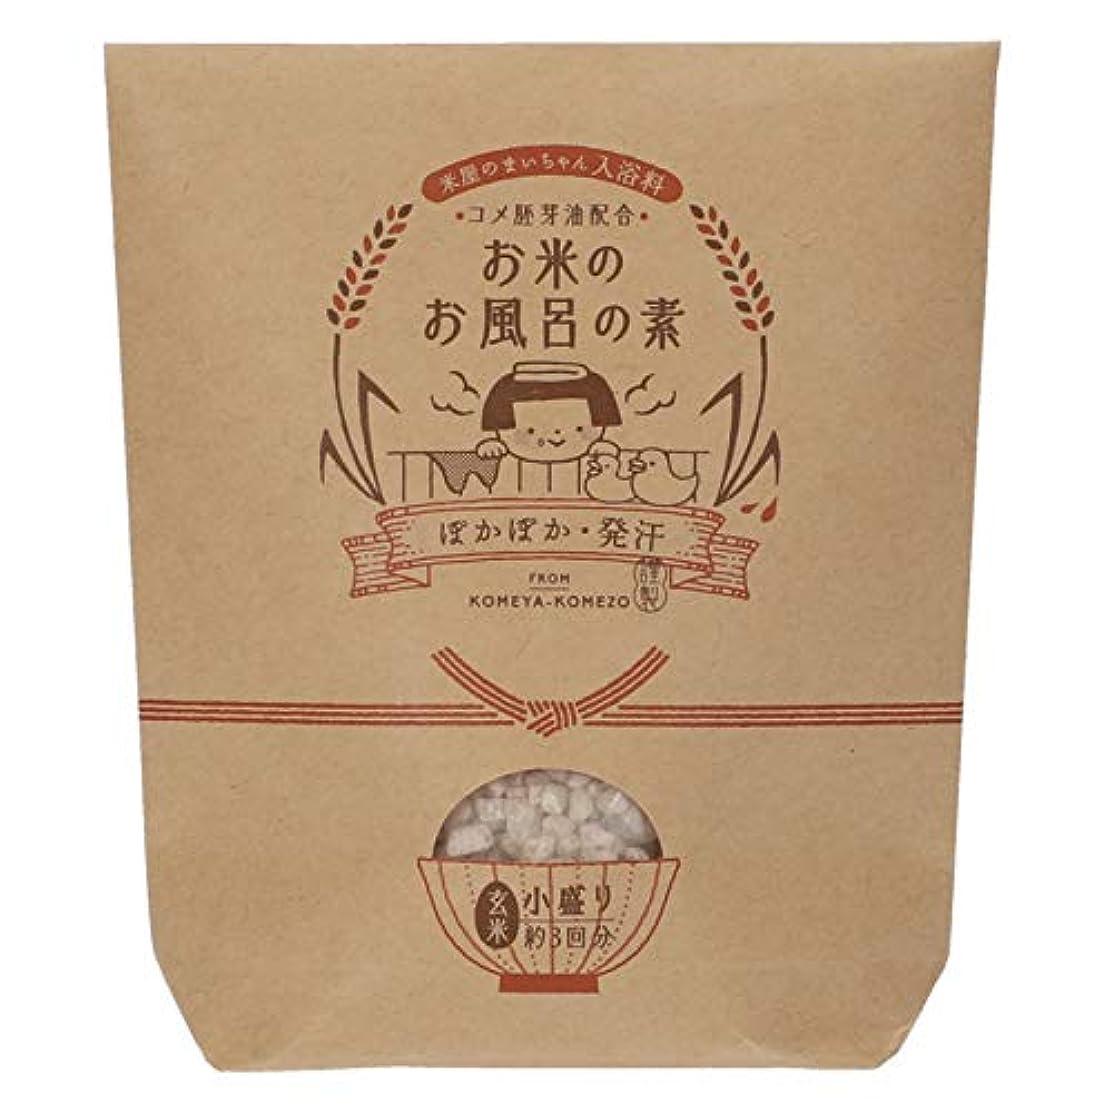 スプリットタッチ却下する米屋のまいちゃん家の逸品 お米のお風呂の素 小盛り(発汗) 入浴剤 113mm×34mm×133mm